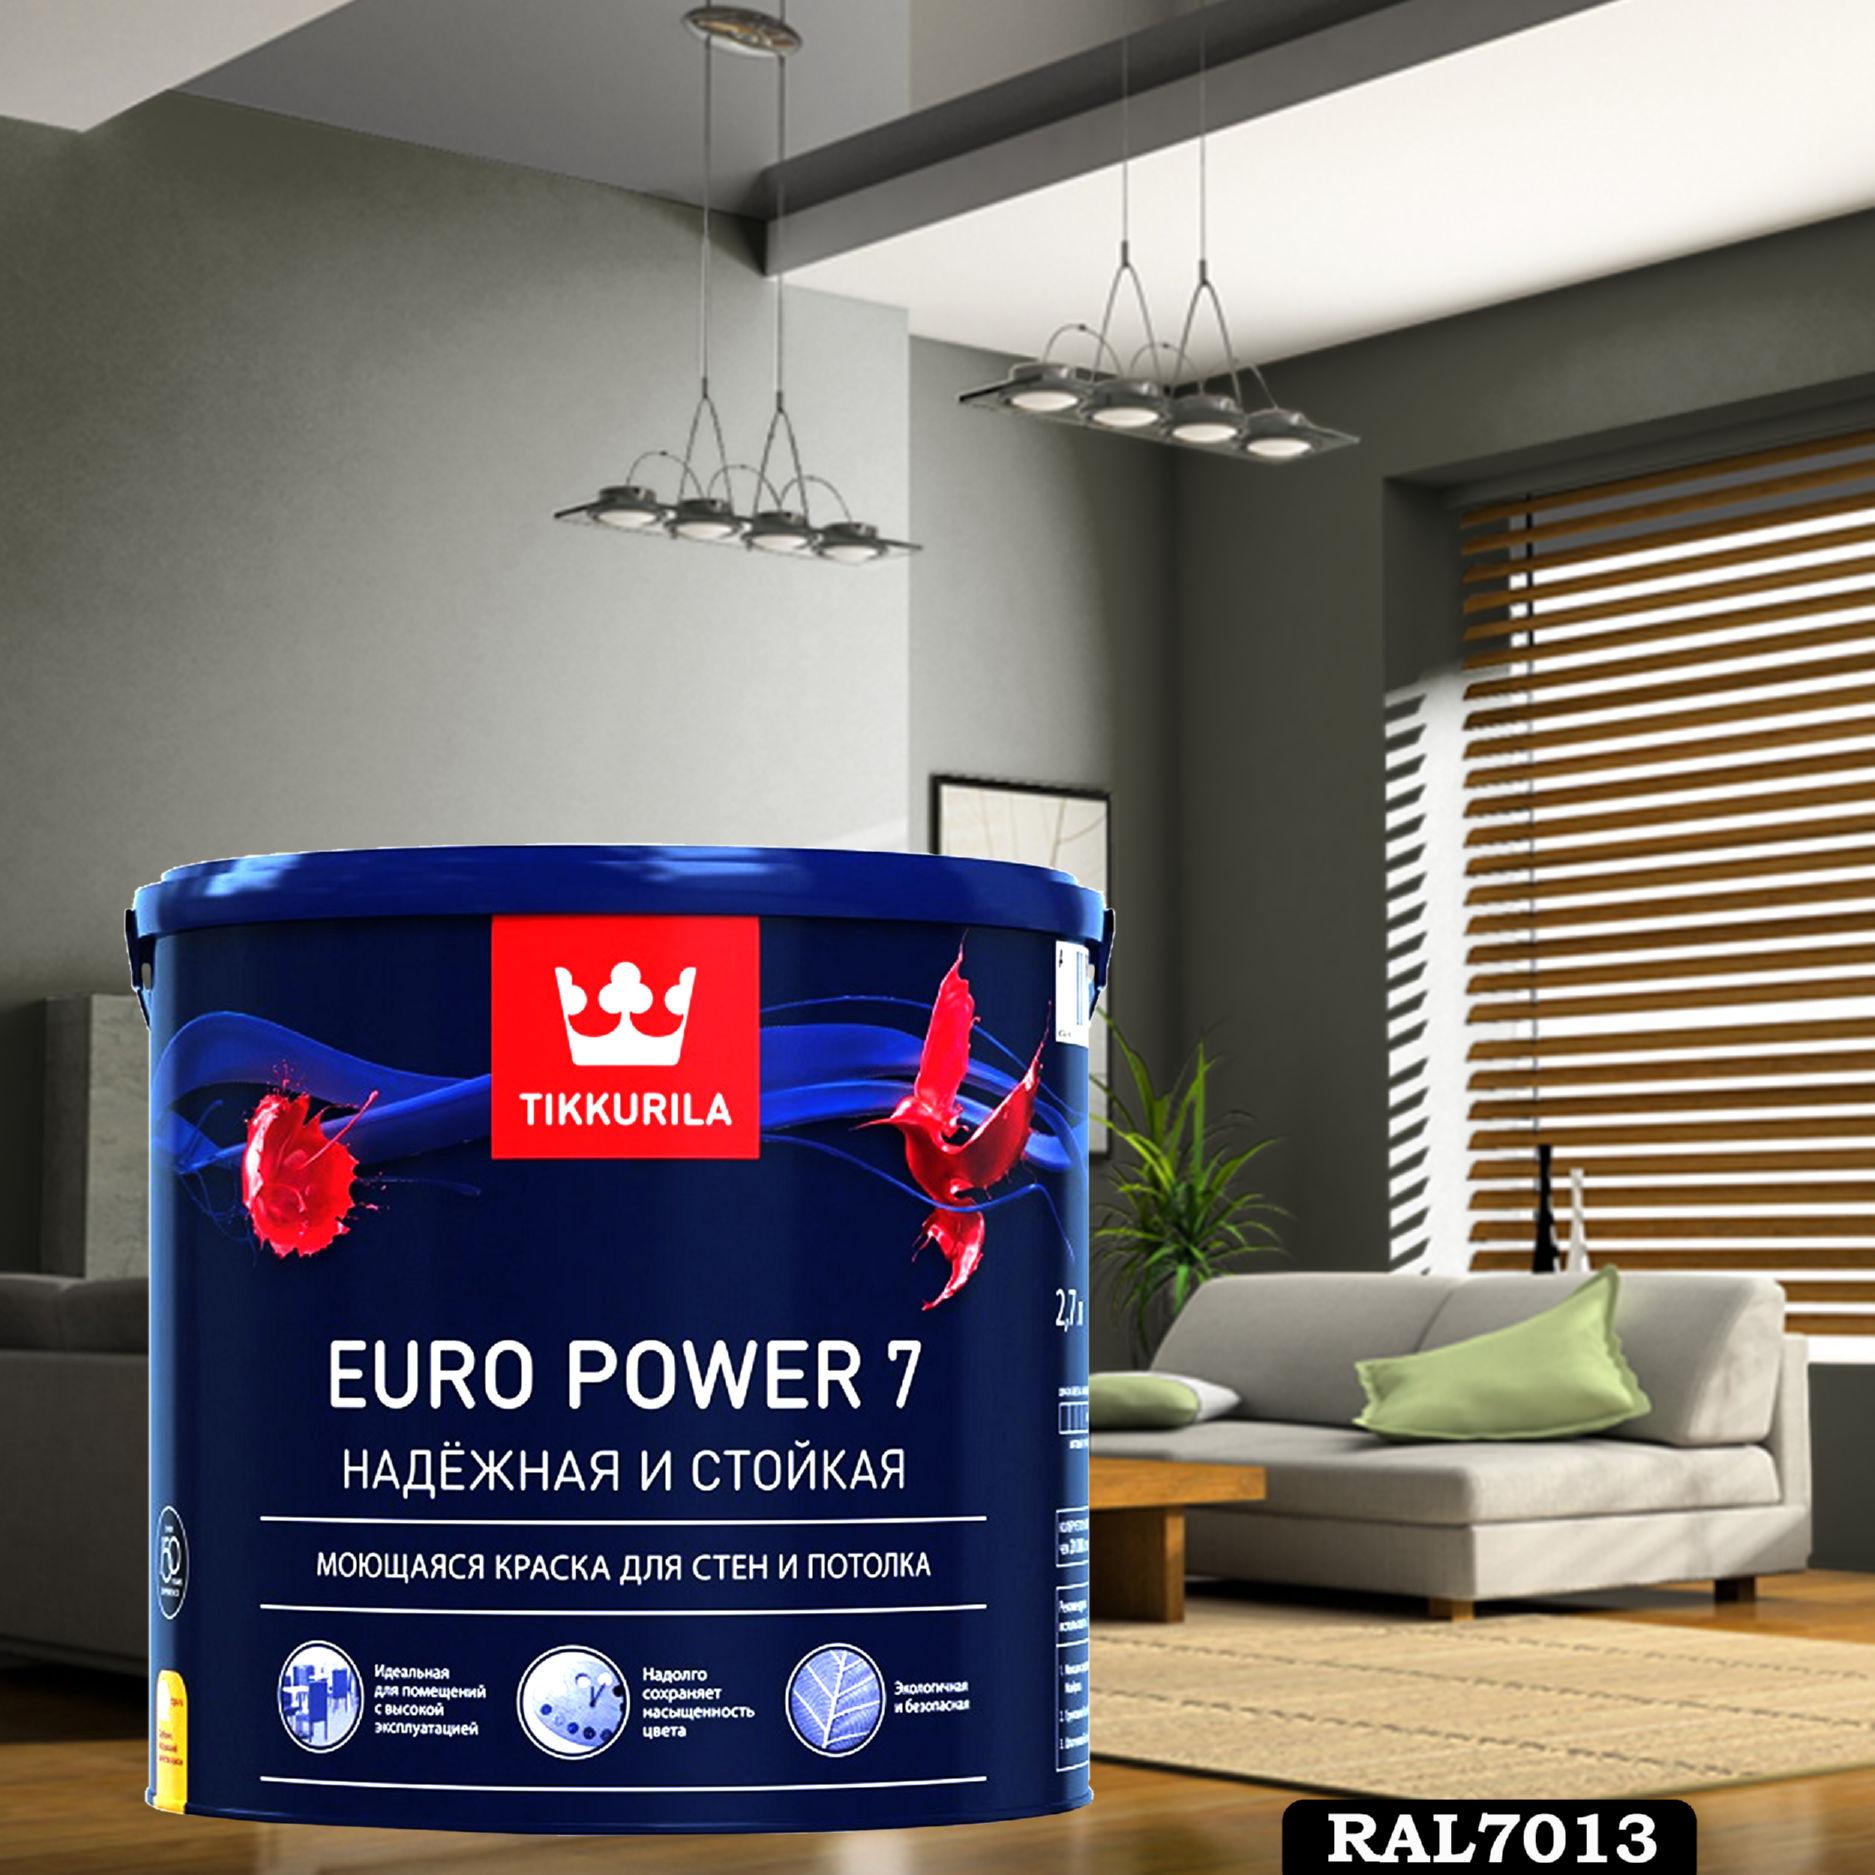 Фото 13 - Краска TIKKURILA Euro Power 7,  RAL 7013 Коричнево-серый, латексная моющаяся матовая интерьерная, 9 л.